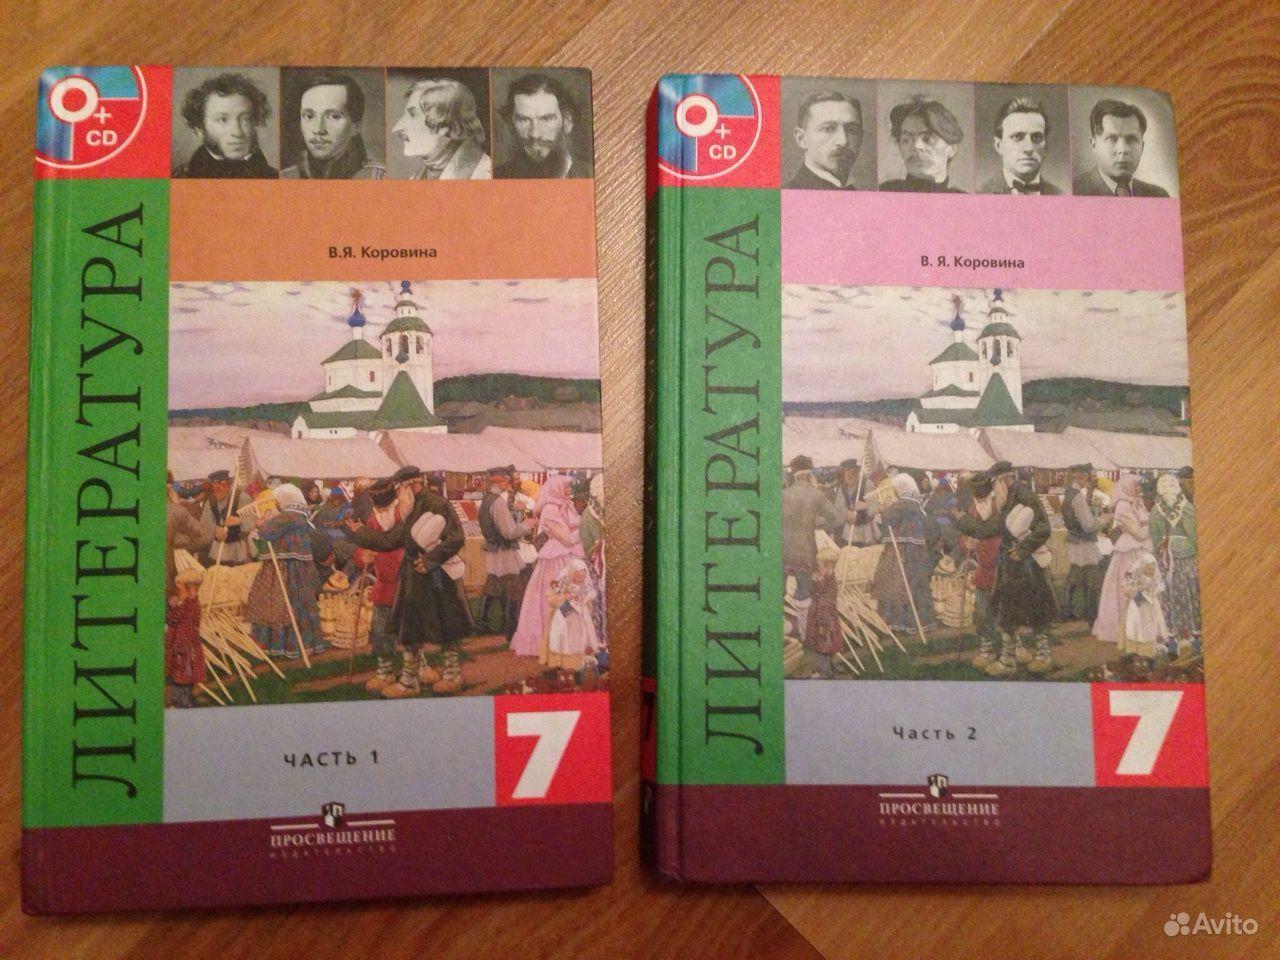 Гдз по литературе за 10 класс ю.и.лыссого онлайн